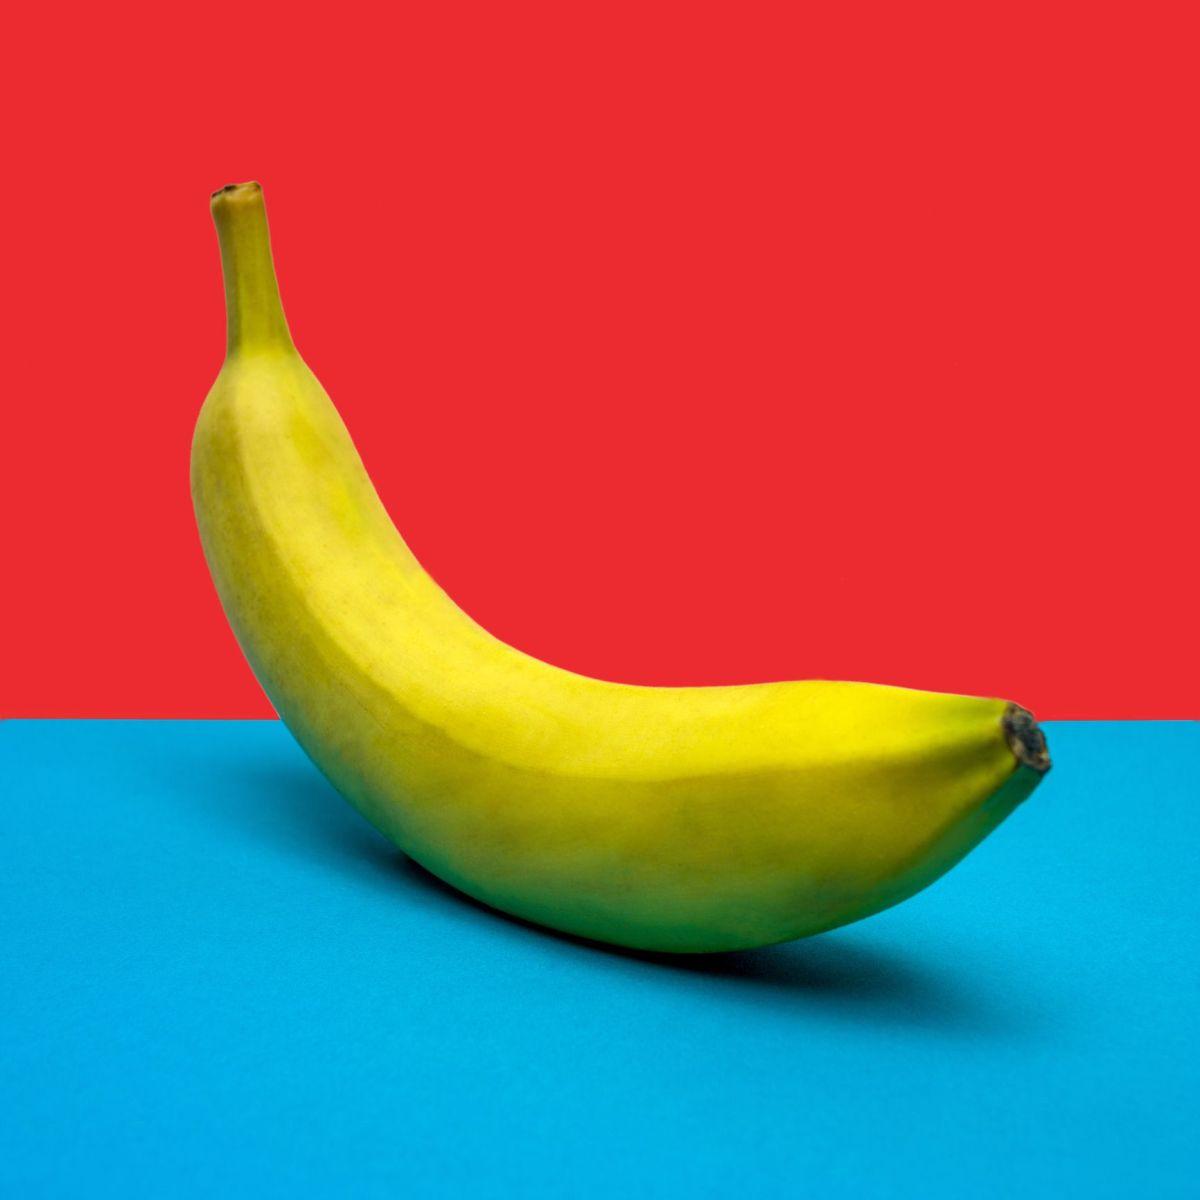 Look: a banana!